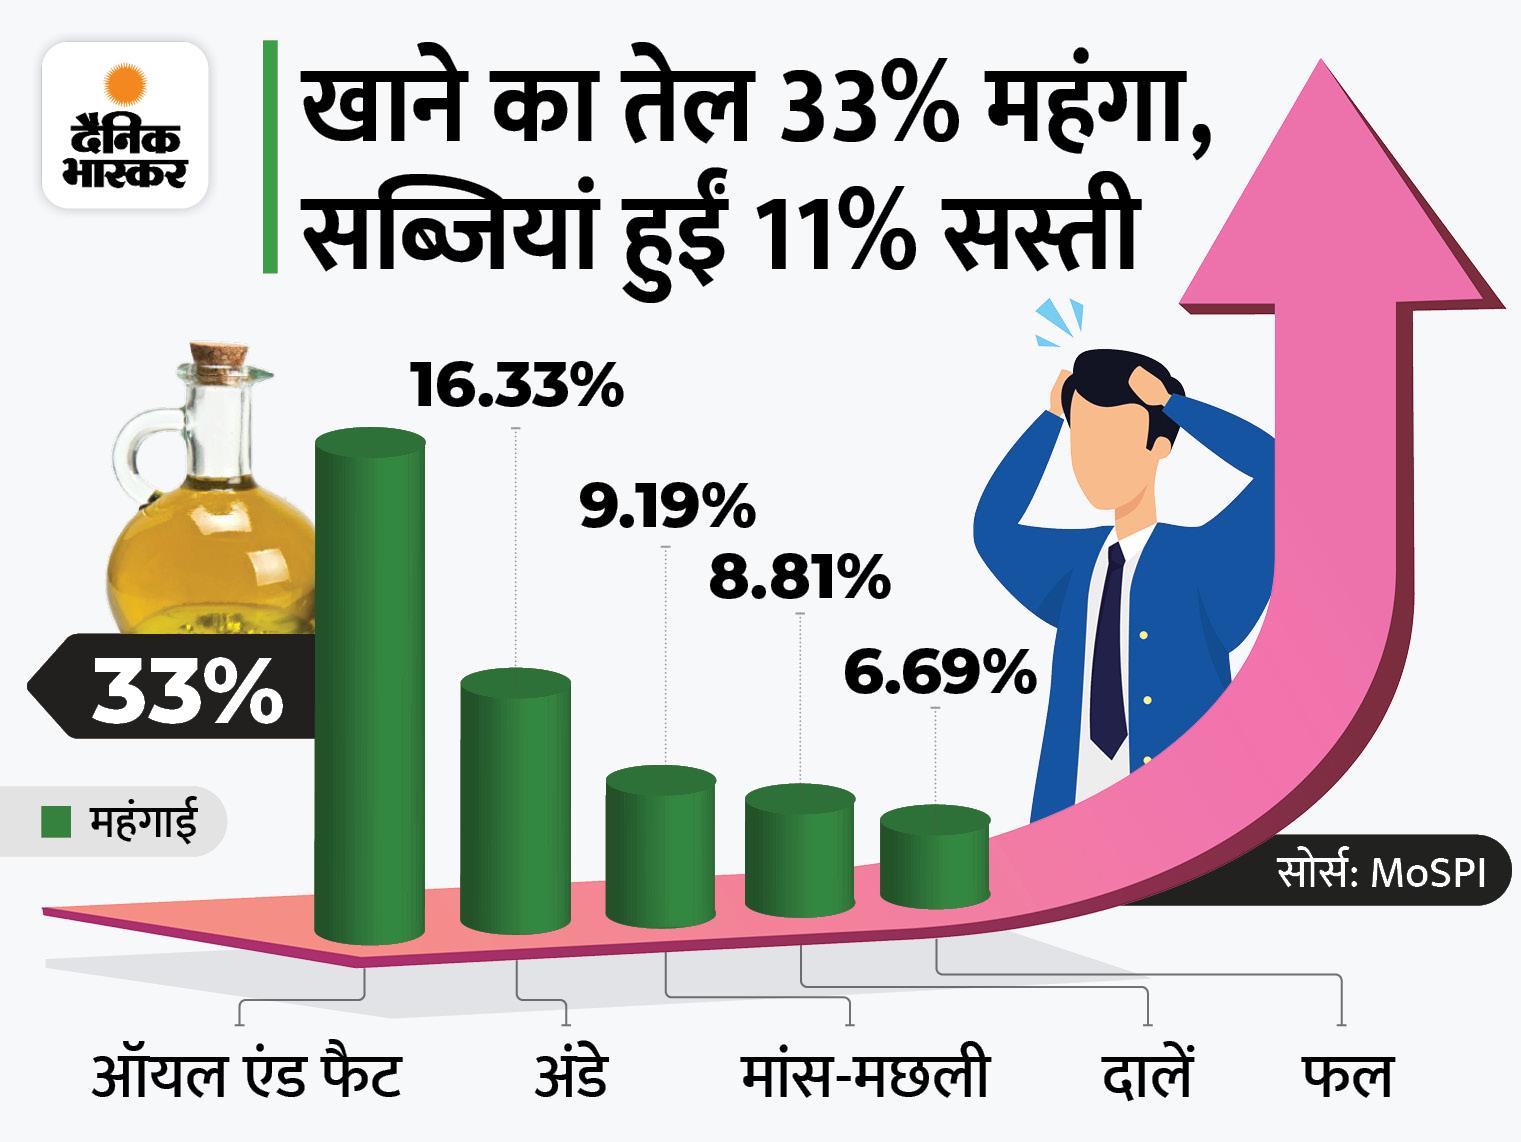 अगस्त में खुदरा महंगाई दर 5.30% रही; सब्जियां सस्ती हुईं, लेकिन खाने का तेल अब भी महंगा|बिजनेस,Business - Dainik Bhaskar